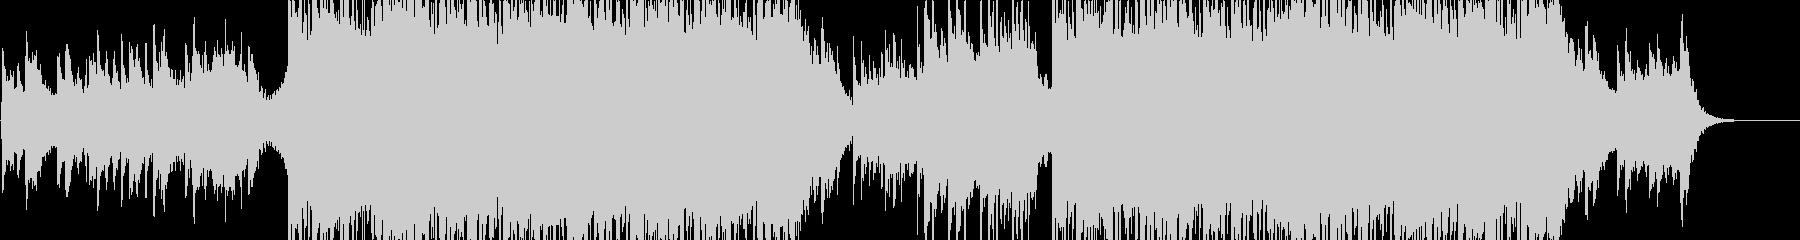 綺麗な印象のドラムンベース/歌なしの未再生の波形